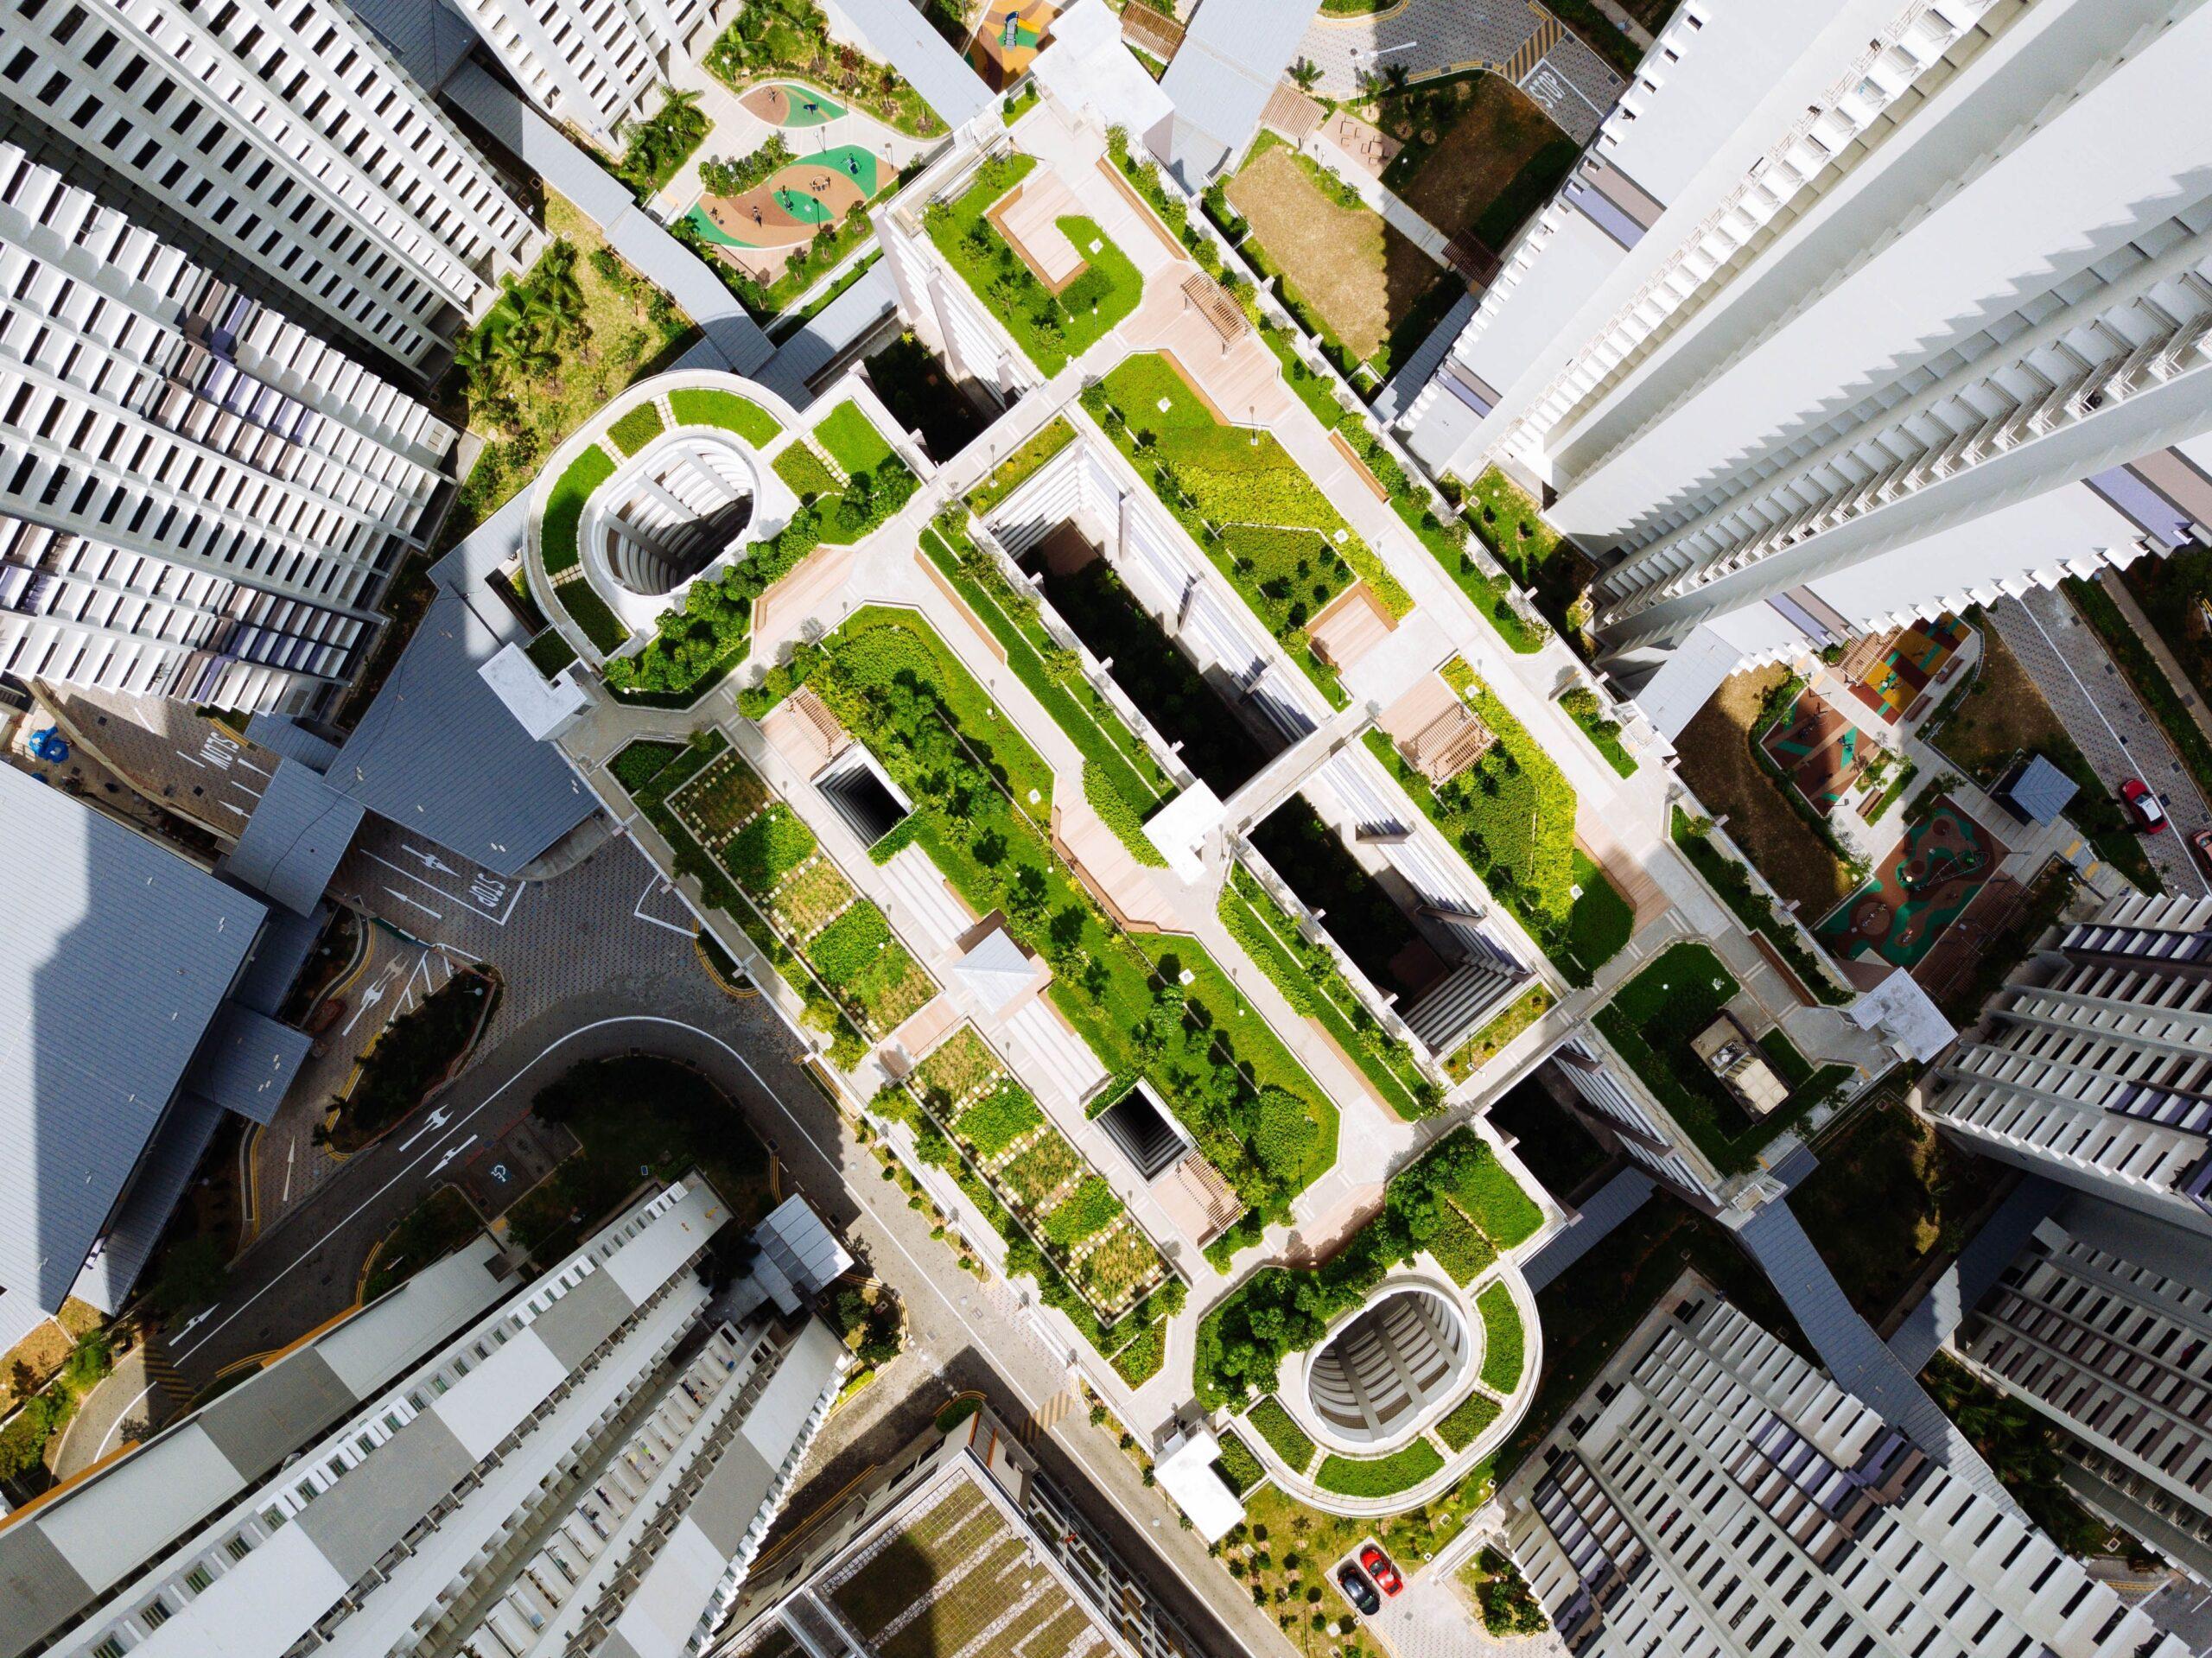 Blick auf grünes Dach